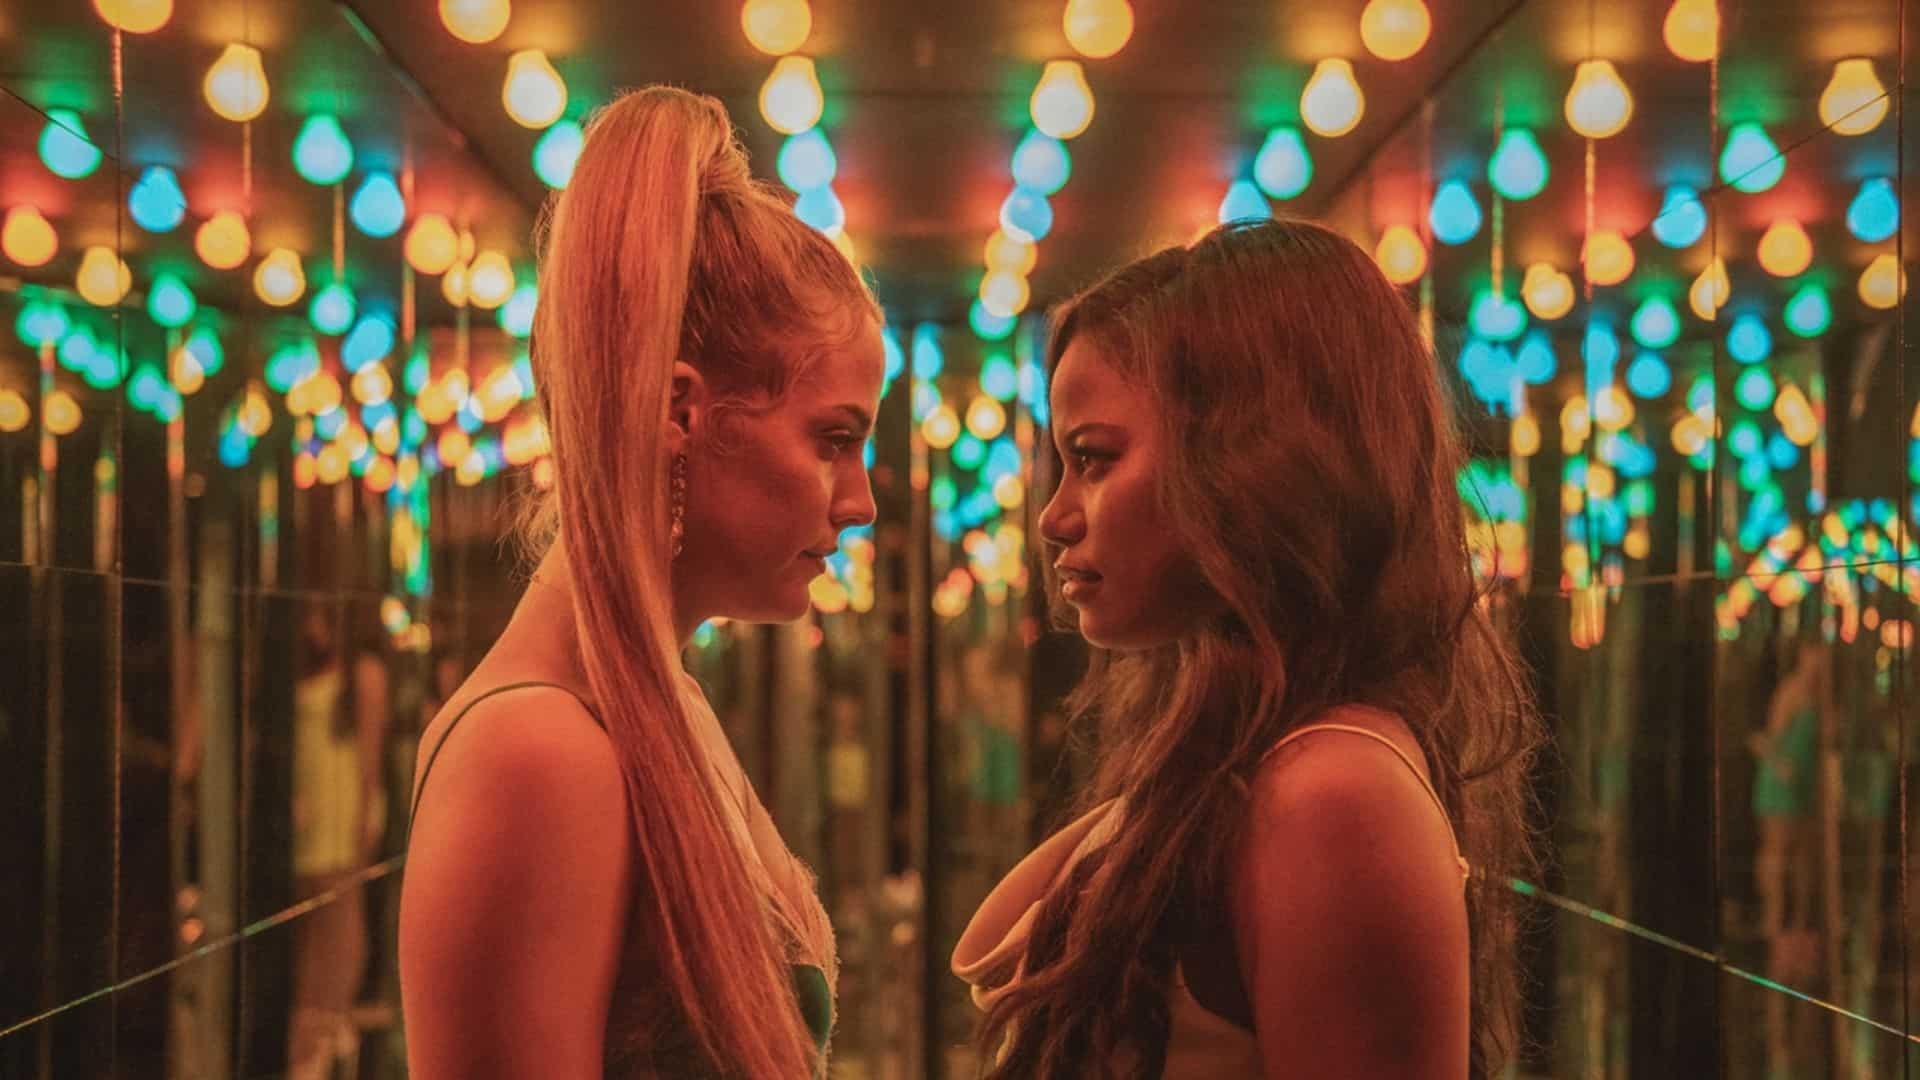 Cena do filme Zola mostra uma mulher negra e uma mulher branca se encarando em um ambiente com paredes espelhadas e várias lâmpadas azuis e amarelas no teto. A mulher branca tem cabelo loiro, longo e preso num rabo de cavalo. A mulher negra tem cabelo castanho volumoso.